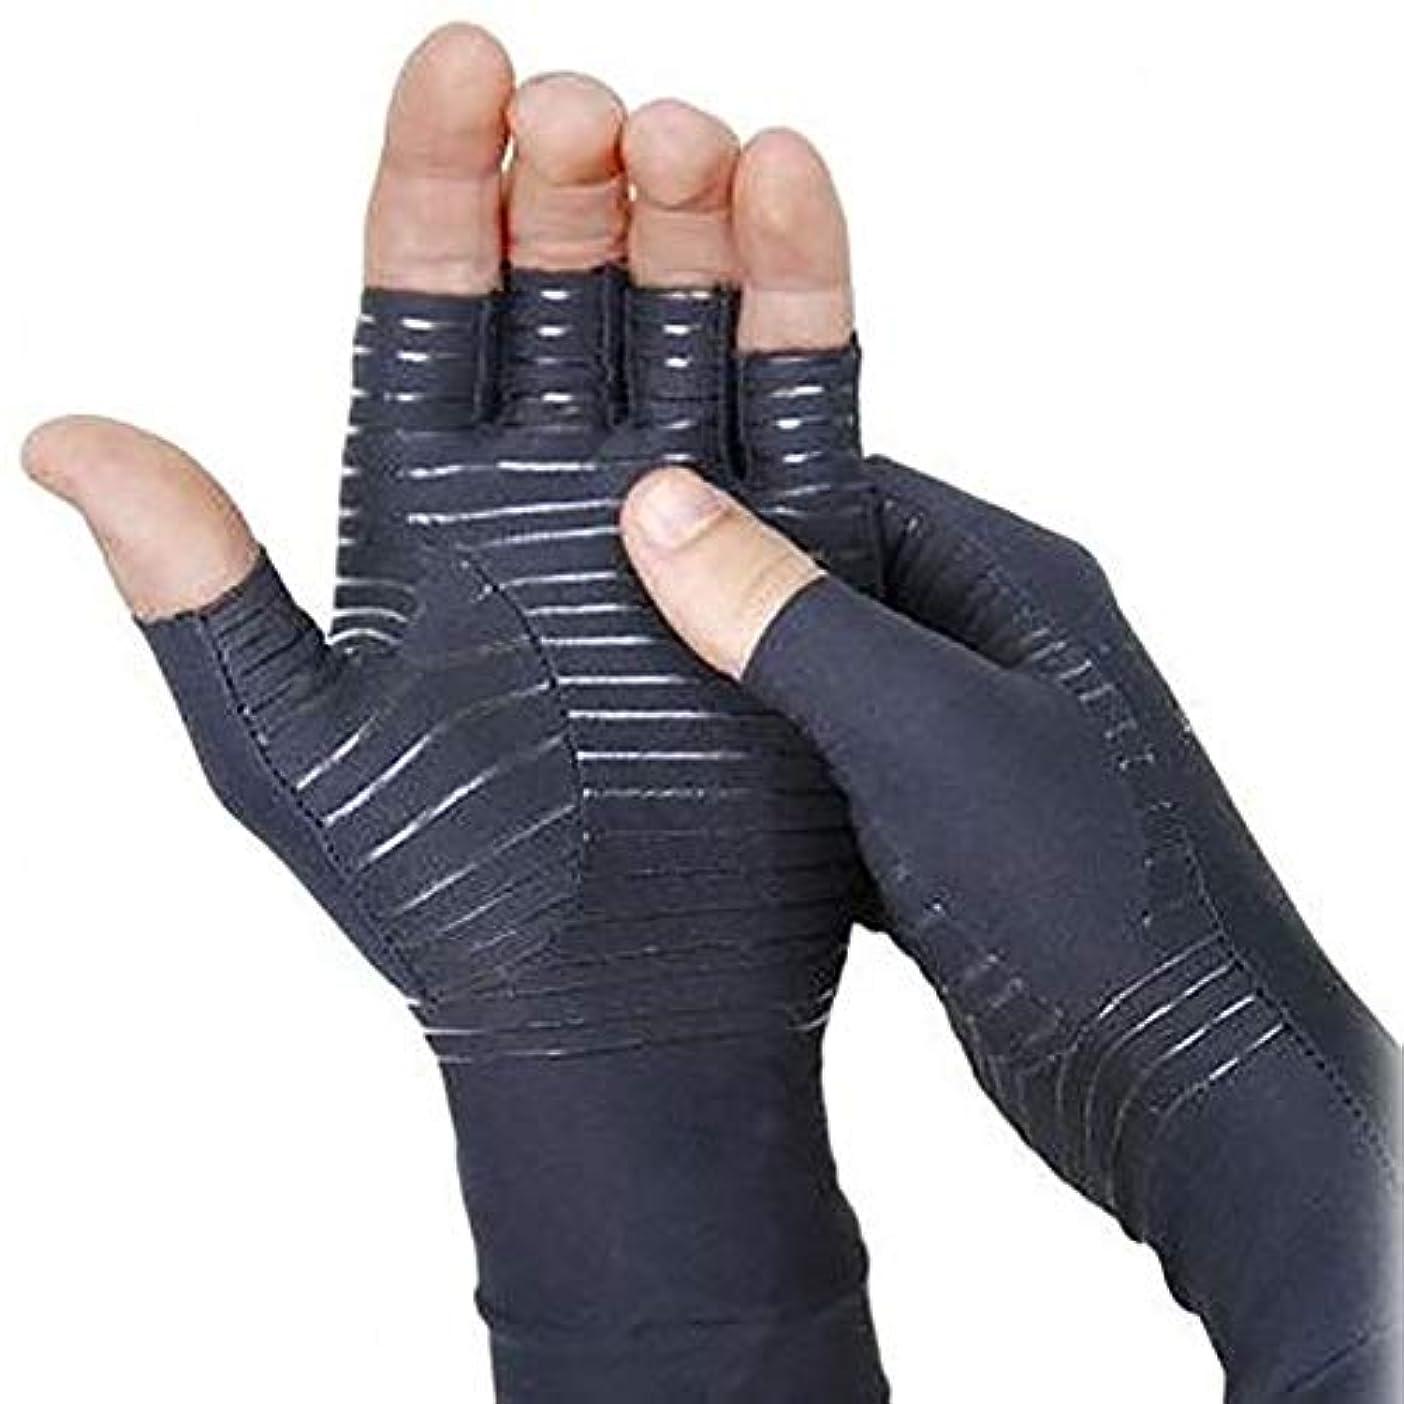 セッティングミルク患者BOBORA 関節炎手袋 着圧手袋 指なし手袋 着圧引き締め 銅イオン繊維 関節ストレス 手首サポーター スライドタッチ手袋 男女共用 1ペア入り